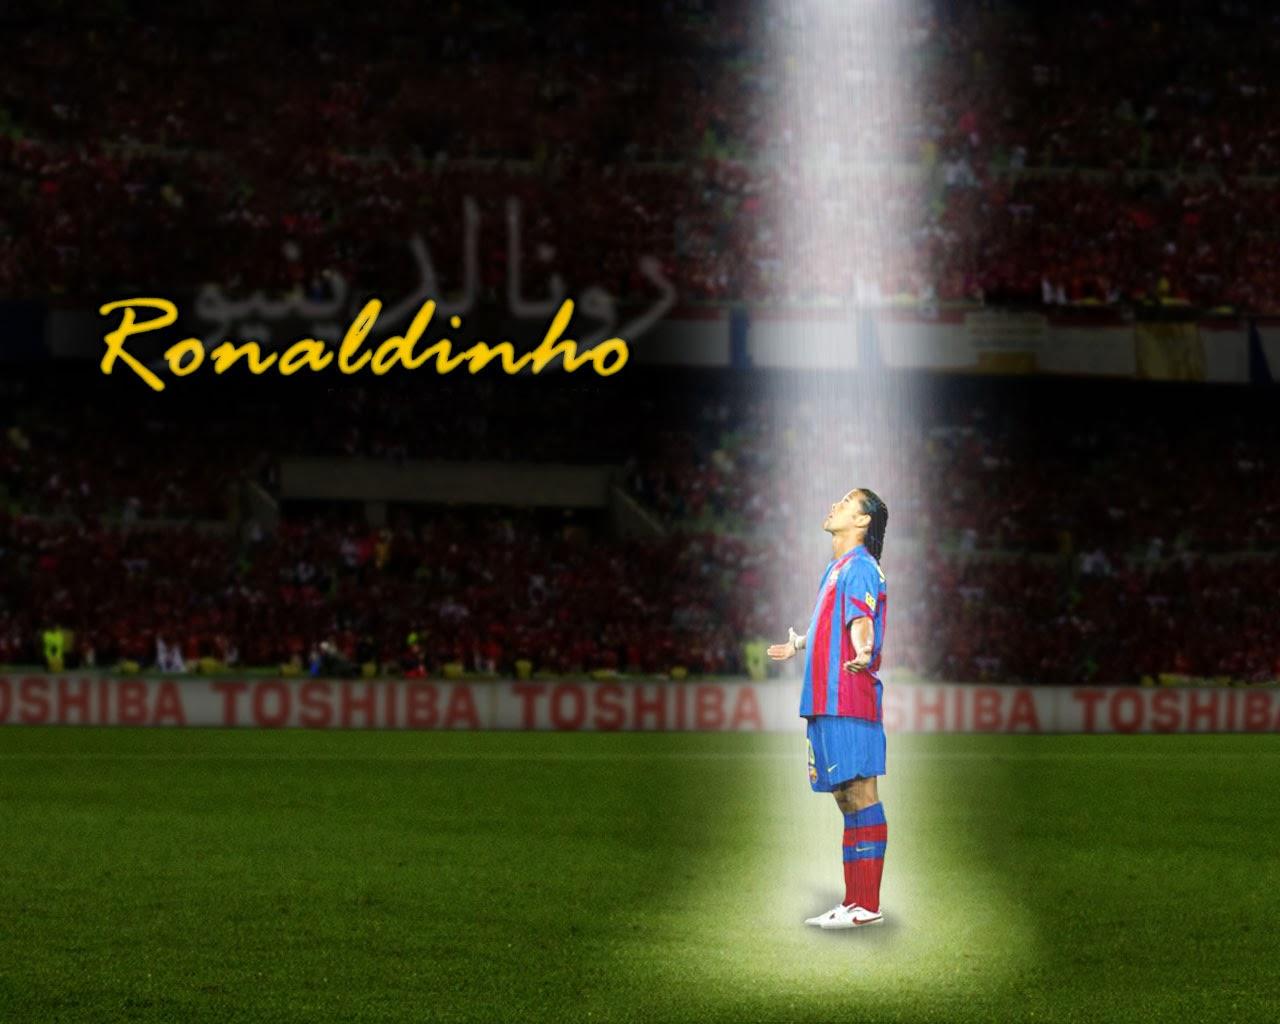 Fond D Ecran Hd Ronaldinho Fond D Ecran Photos Hd 1280x1024 Wallpapertip